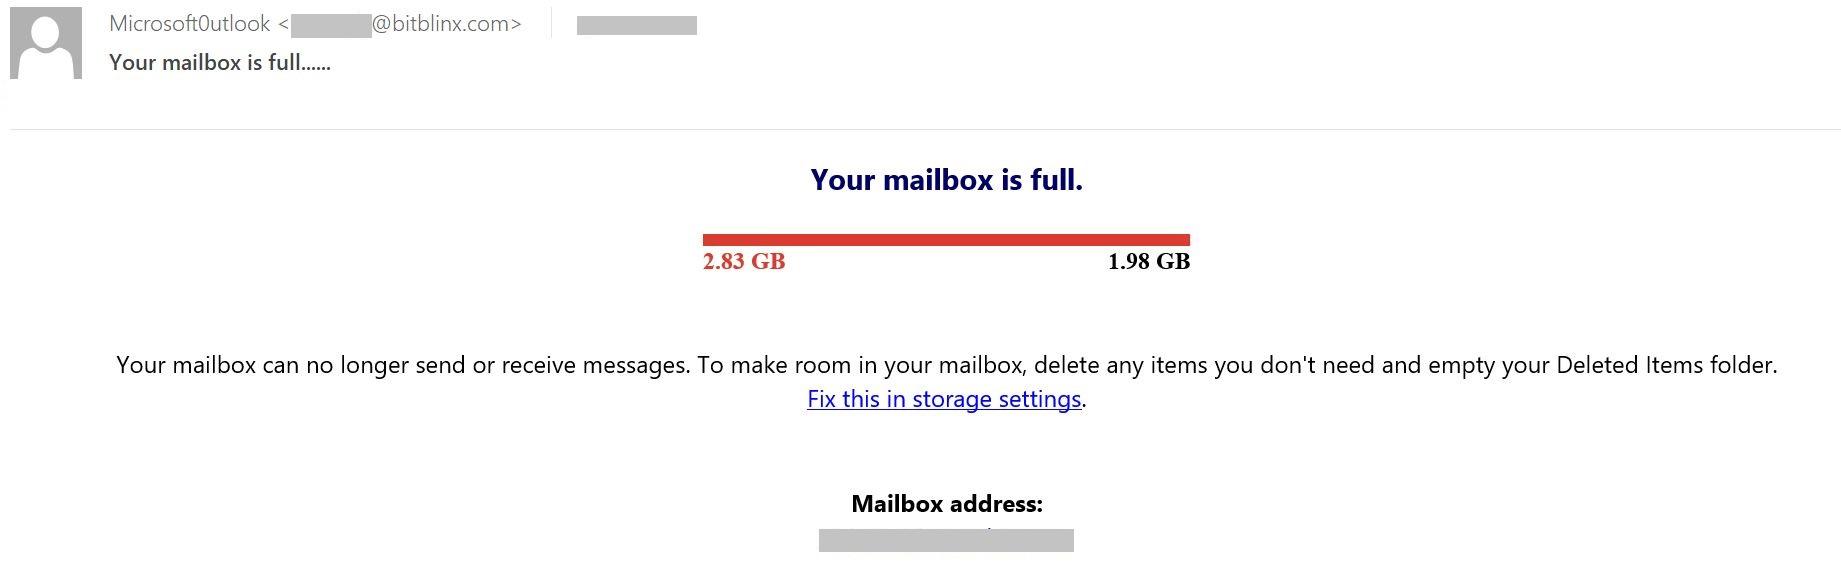 Un e-mail d'hameçonnage ordinaire avec la technique de la boîte de réception pleine